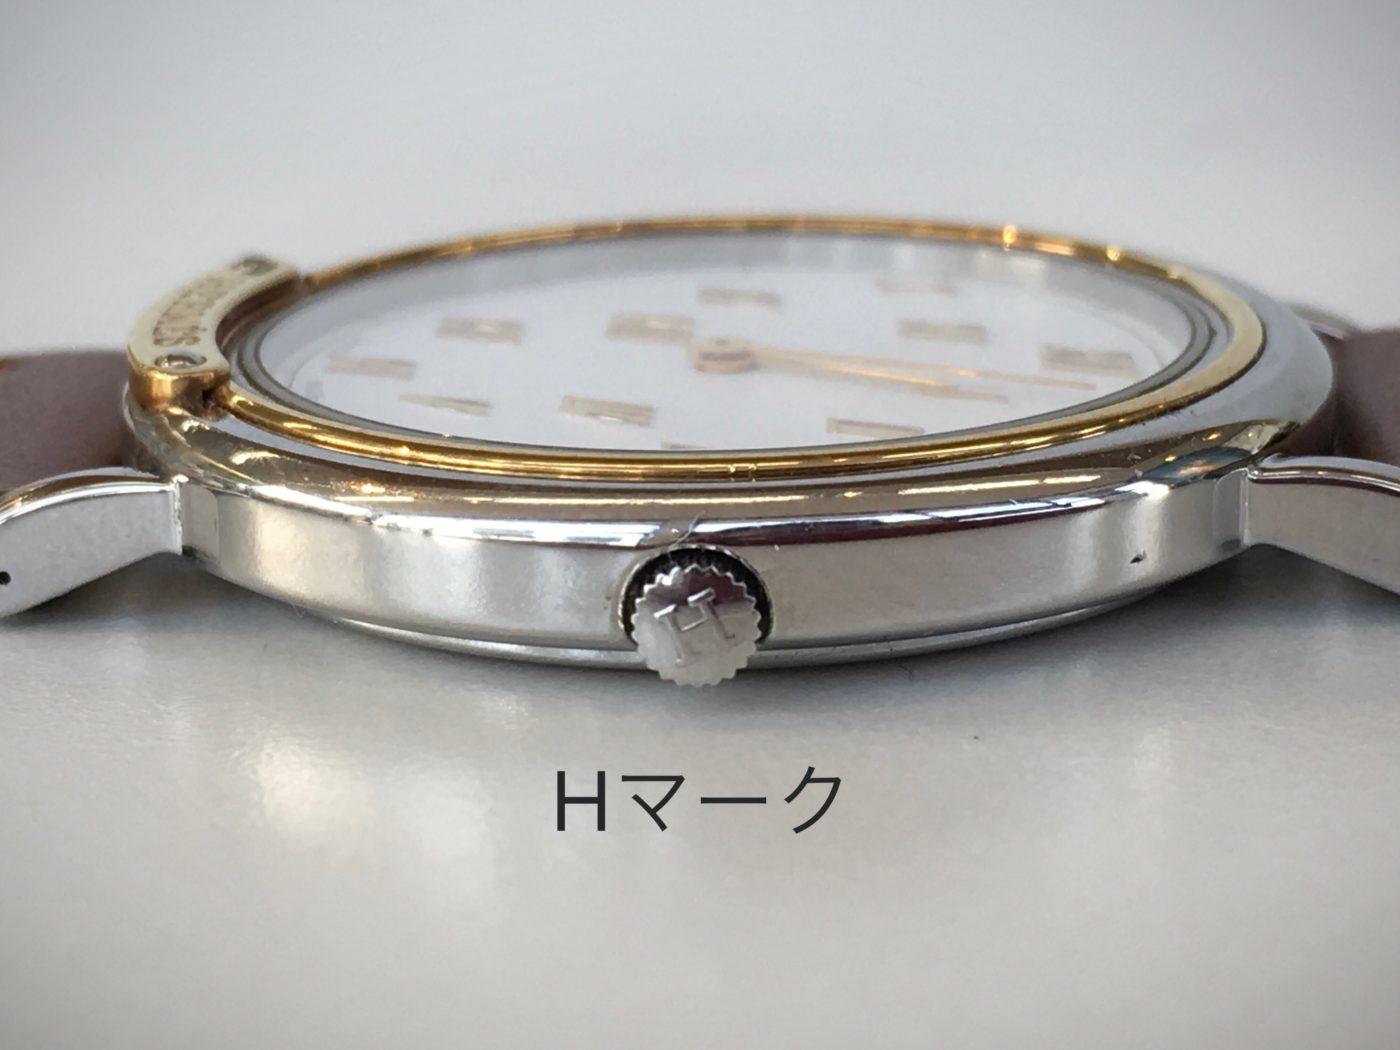 エルメス HERMES horloger オルロジェ